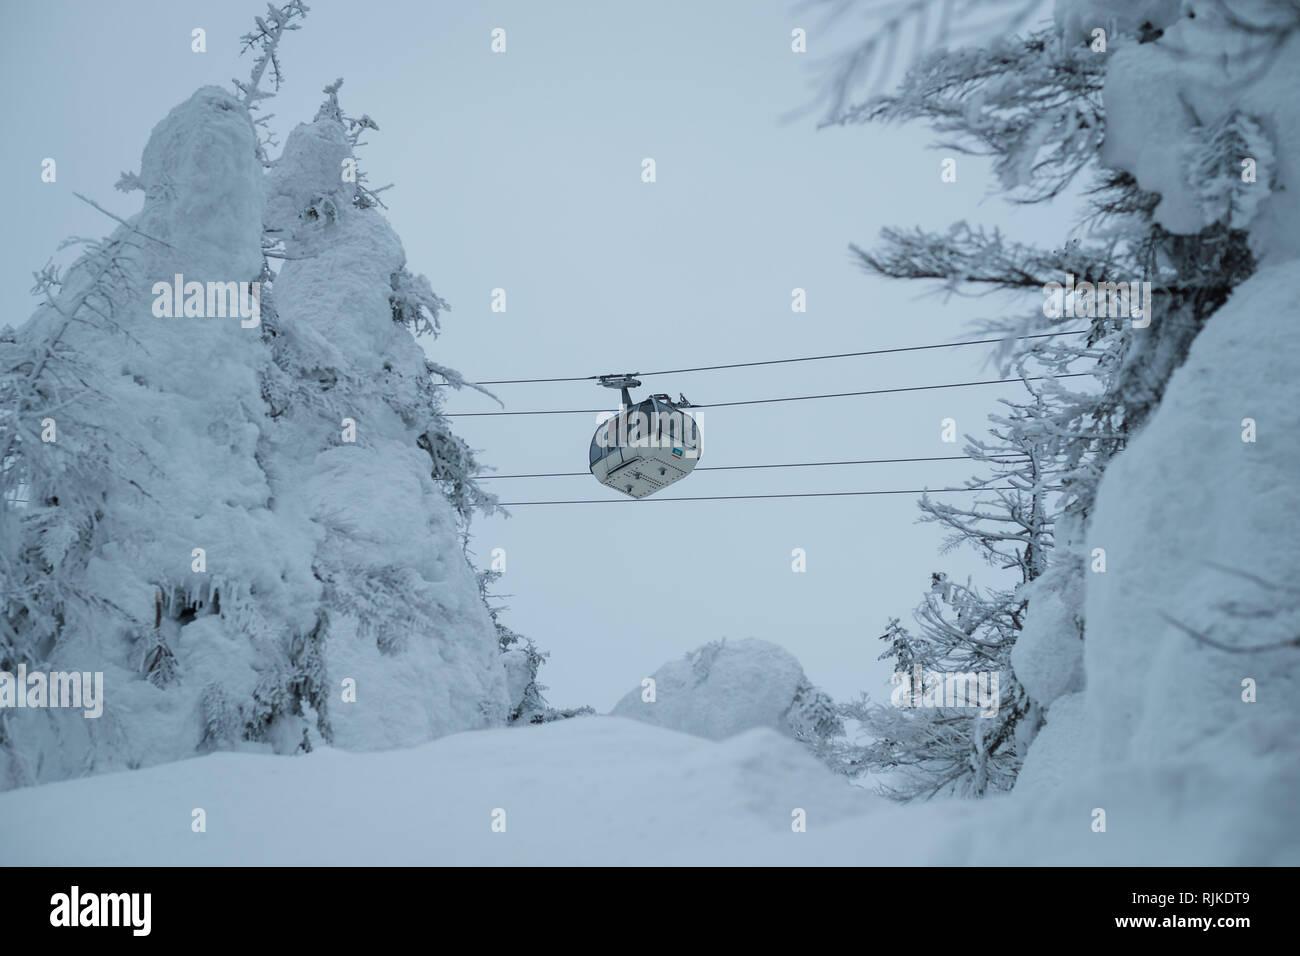 """Eine Seilbahn führt durch Schnee monster Bäume, am 6. Februar 2019. Ursache eine warme Winter die Saison für seltsam geformte, schneebedeckte Bäume, nicknamed jetzt Monster"""" vorbei ist. 'Monsters' in der Regel den Hängen des Mount Zao in Japan. Mount Zao, einer 1.841 hohen Vulkan gebietsübergreifende Yamagata und Miyagi Präfekturen, ist einer der wenigen Orte in Japan, wo das Phänomen der jetzt Monster"""" gesehen werden kann. Starke Winde über den nahe gelegenen See schleudern Wassertröpfchen, die Freeze gegen die Bäume und ihre Äste bis in der Nähe von - horizontale Eiszapfen fangen an sich zu bilden. Fallenden Schnee auf dem Eis Formationen und das Ende Stockfoto"""